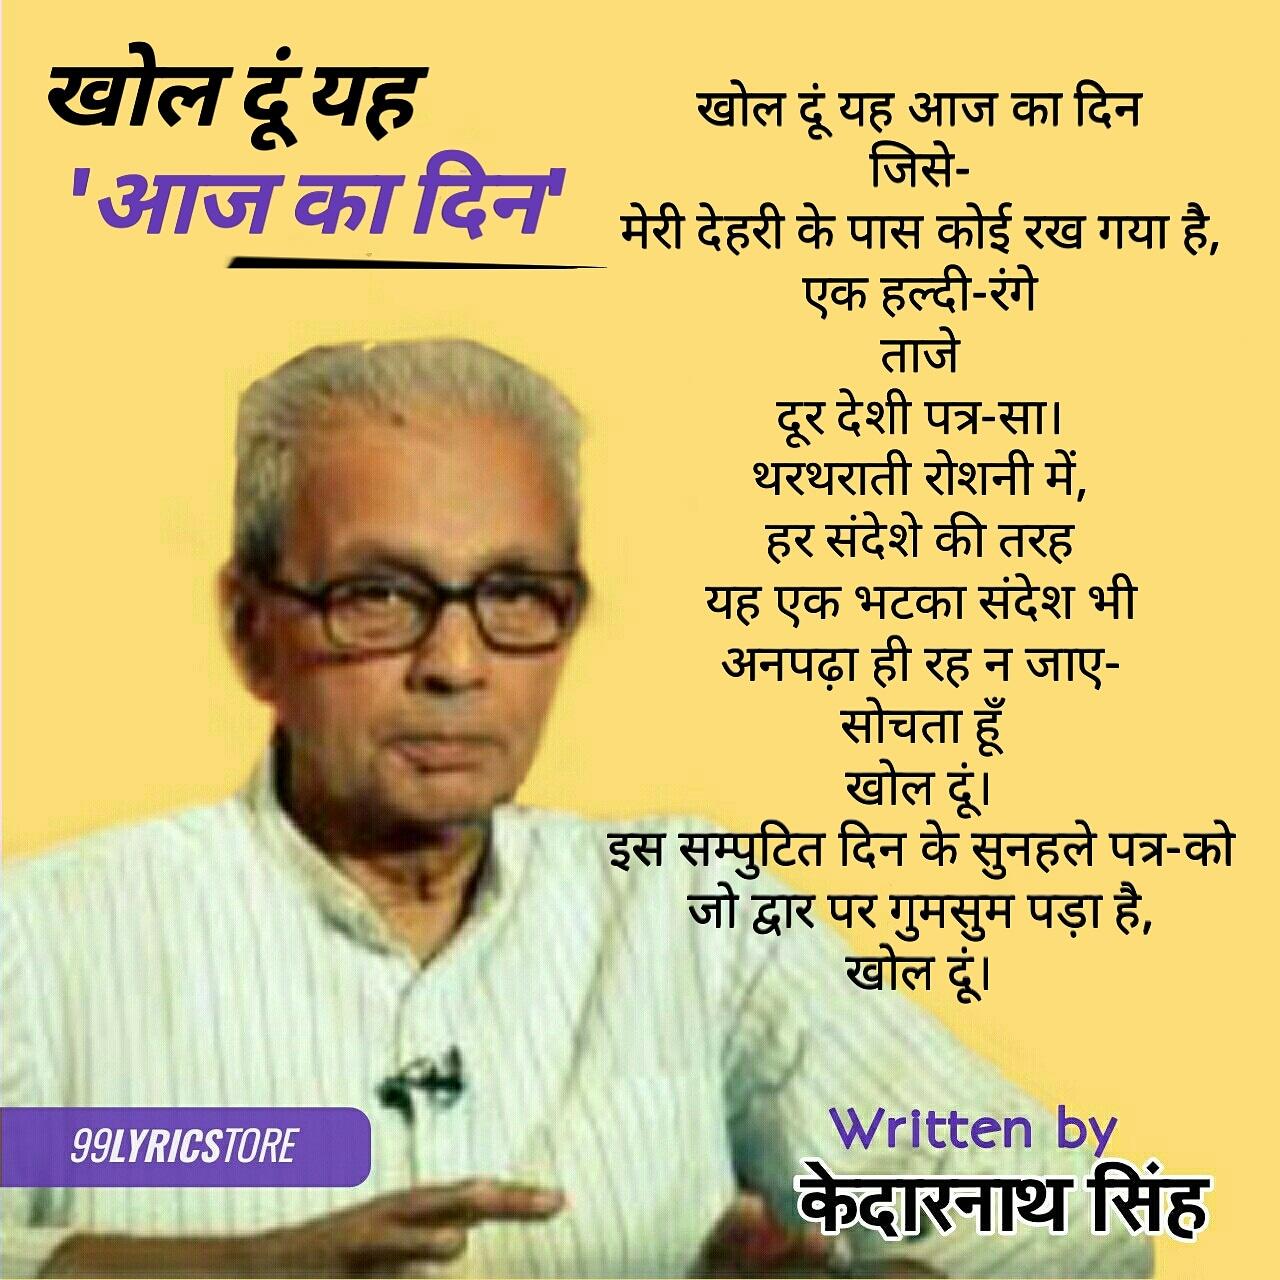 'खोल दूं यह आज का दिन' कविता केदारनाथ सिंह जी द्वारा लिखी गई है यह एक हिन्दी कविता है।